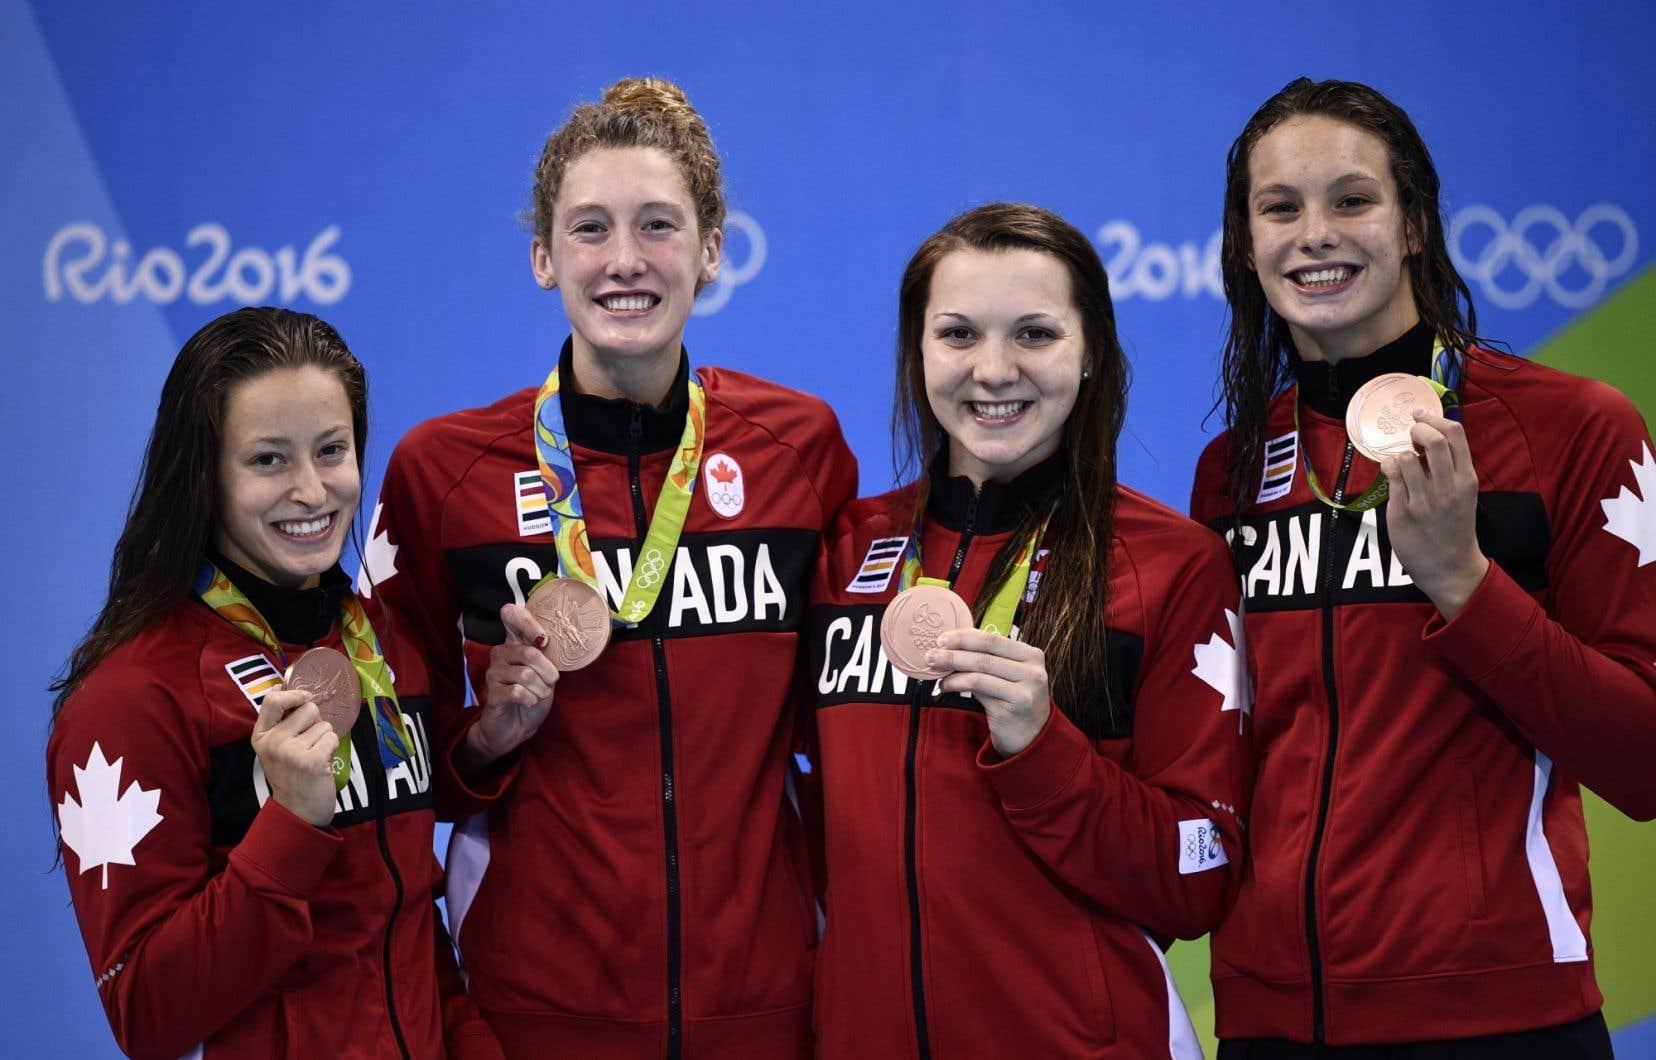 Les Canadiennes ont complété la course en un temps de sept minutes 45,39 secondes derrière les États-Unis (7:43,03) et l'Australie (7:44,87).